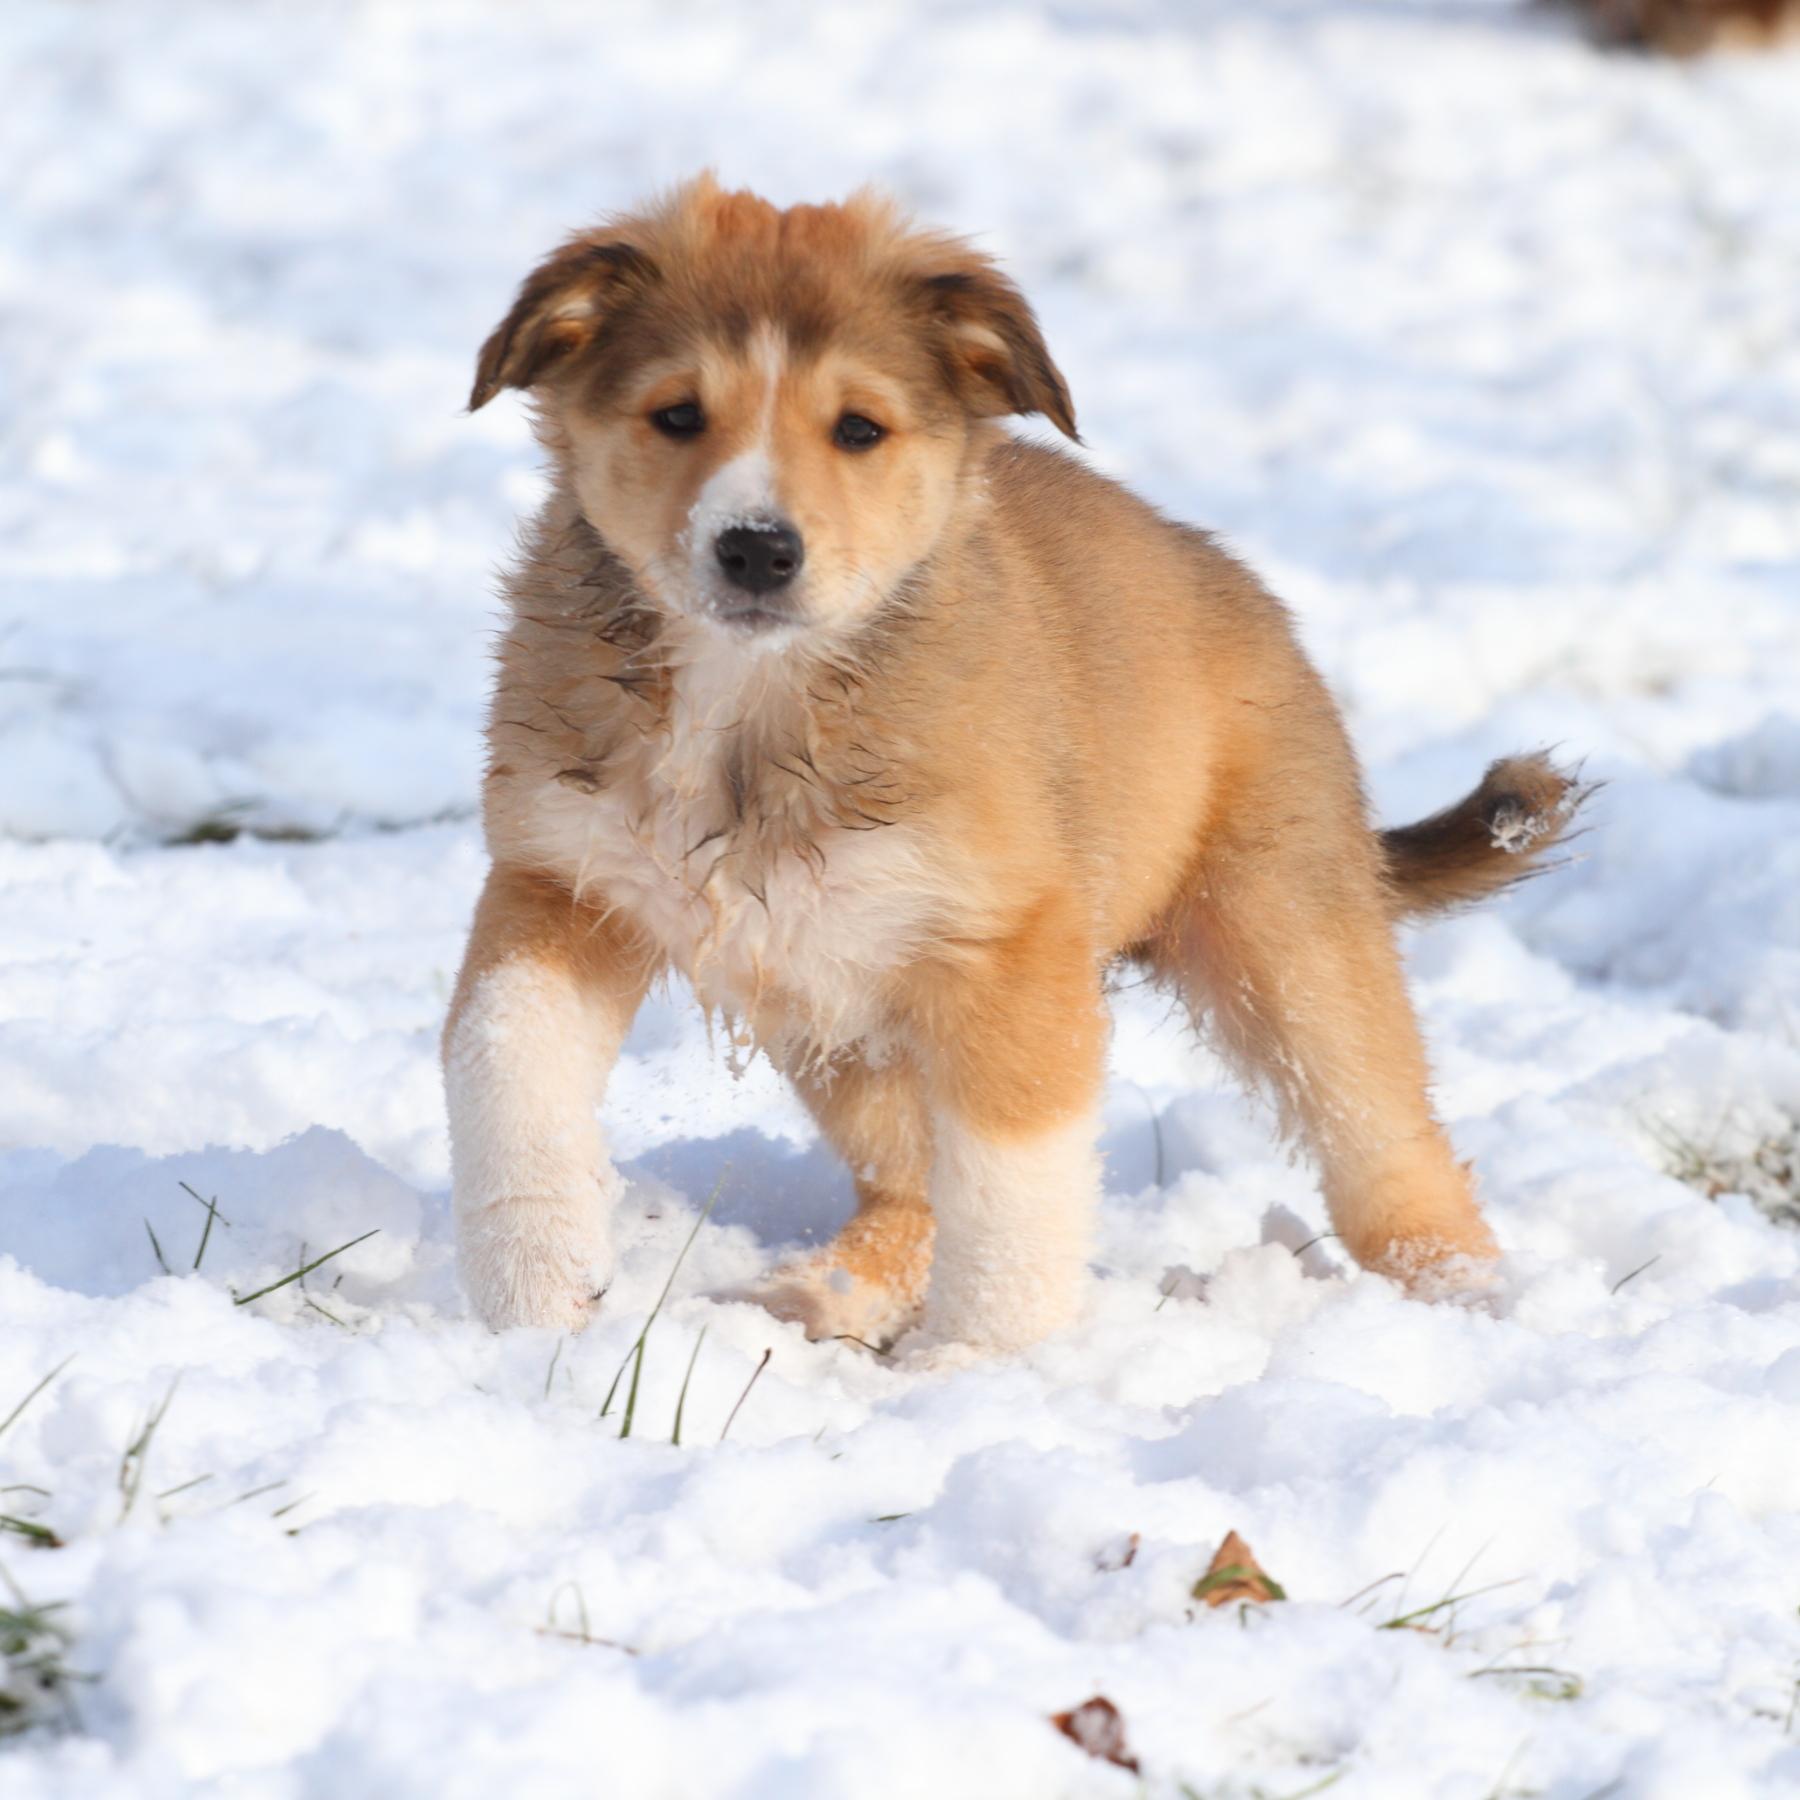 Puppy #7